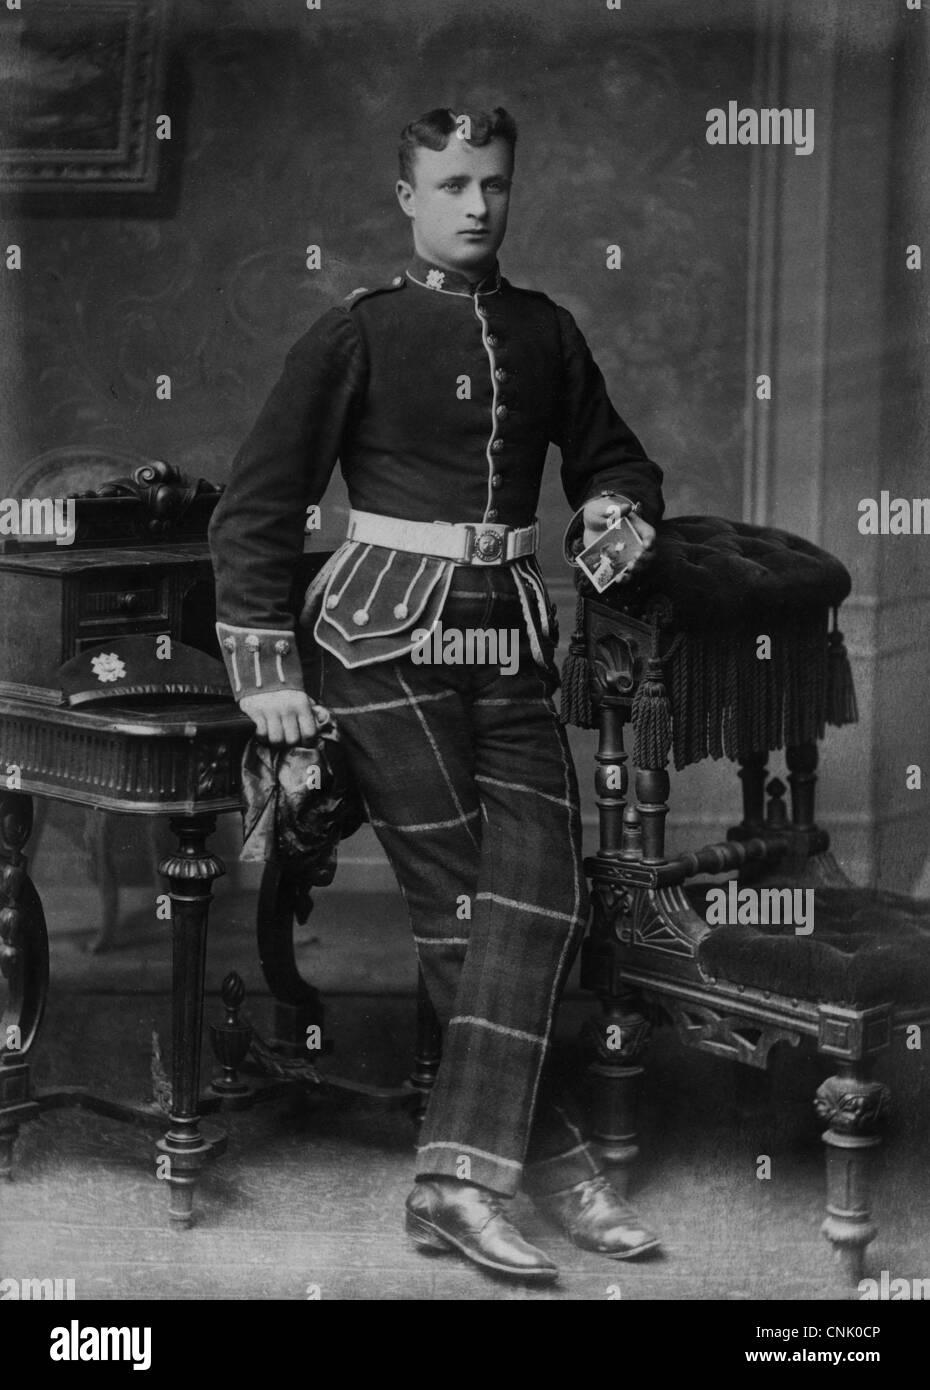 Scottish Highlander of the 71st Highland light infantry regiment. Victorian soldier. - Stock Image